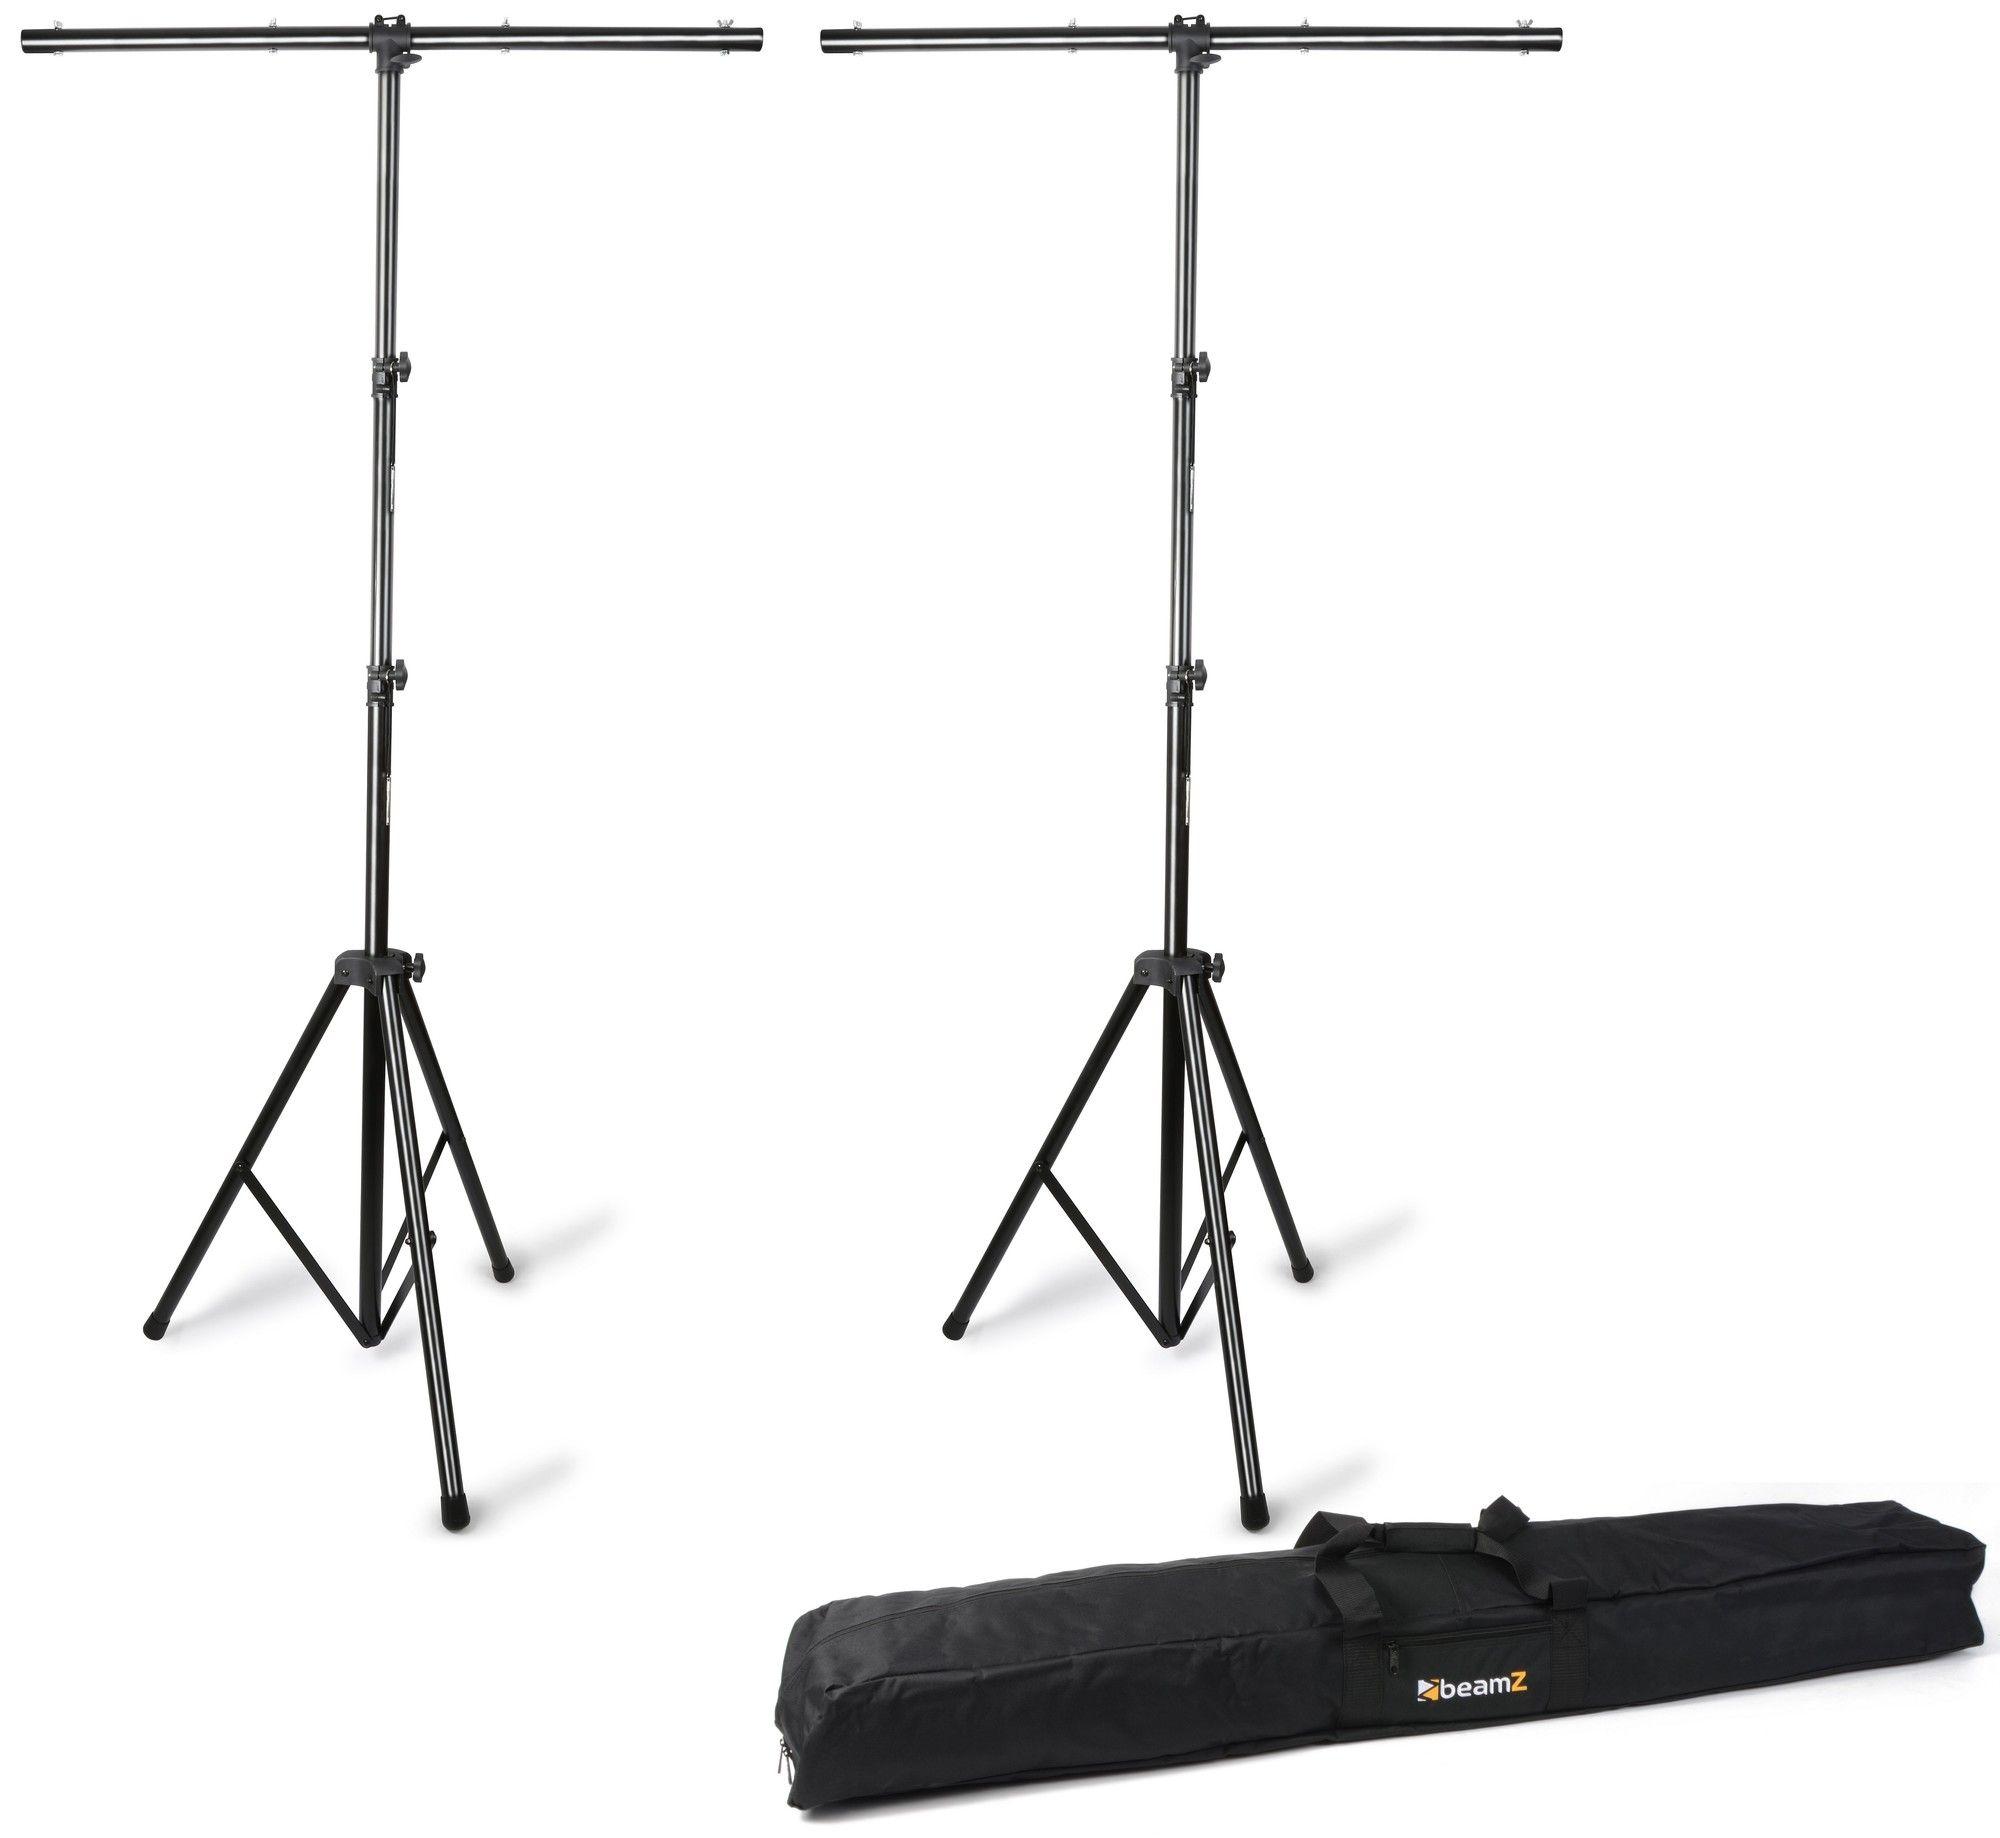 Afbeelding van BeamZ T-bar statieven (2x) met flightbag (max hoogte 3.5mtr)...